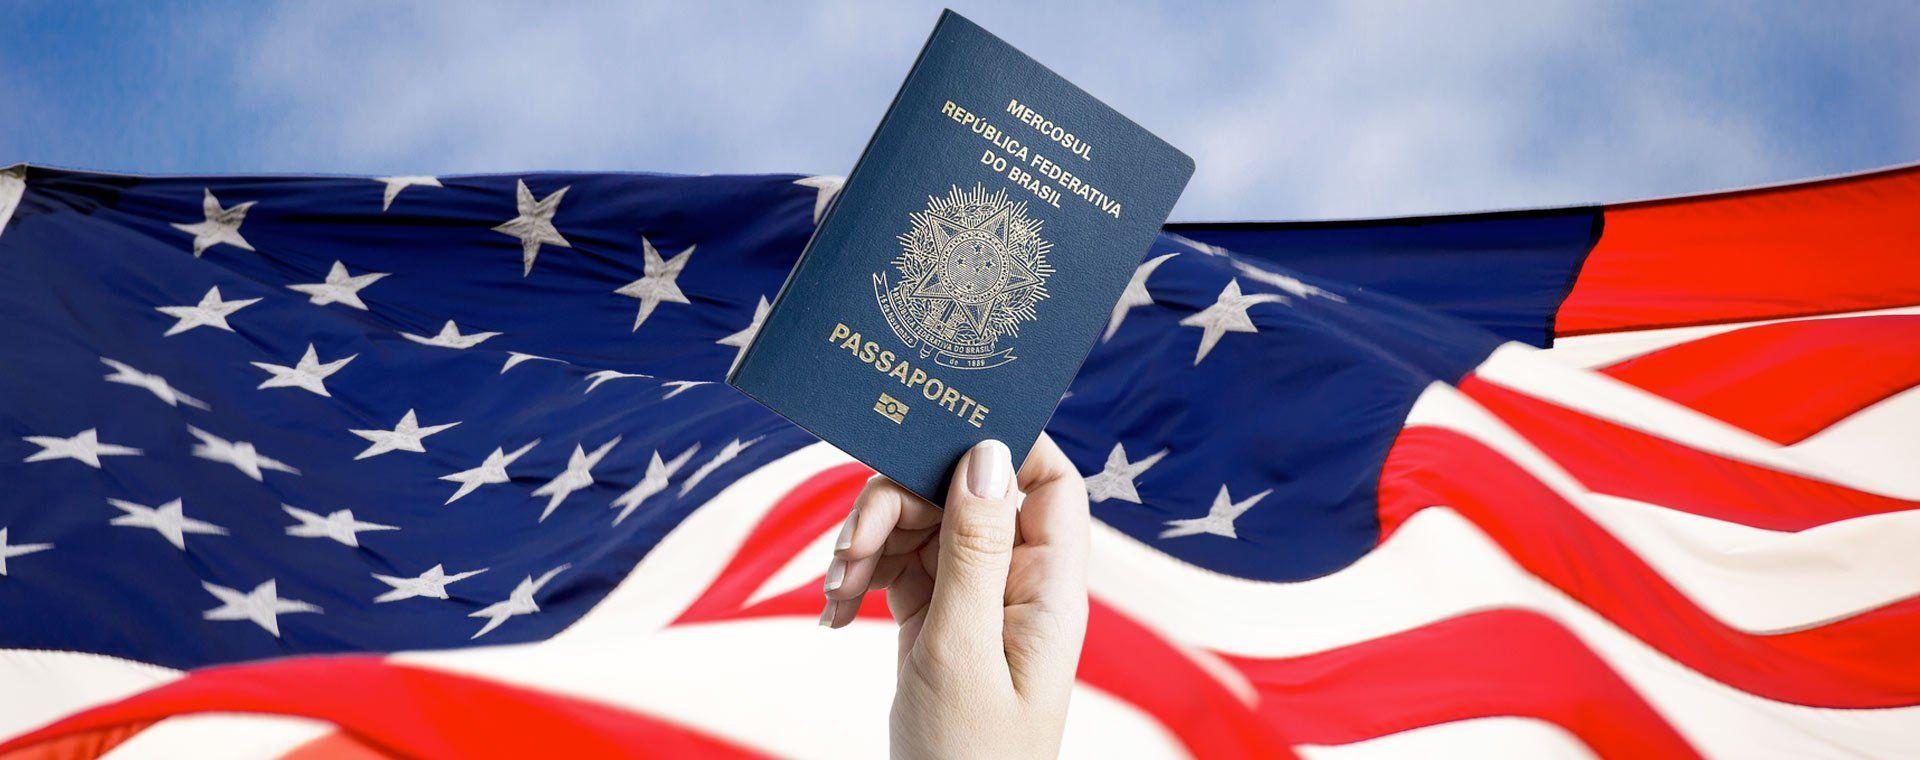 como tirar o visto para os Estados Unidos - como funciona a entrevista - formulário DS-160 - processo para tirar o visto americano - documentos necessários para tirar o visto